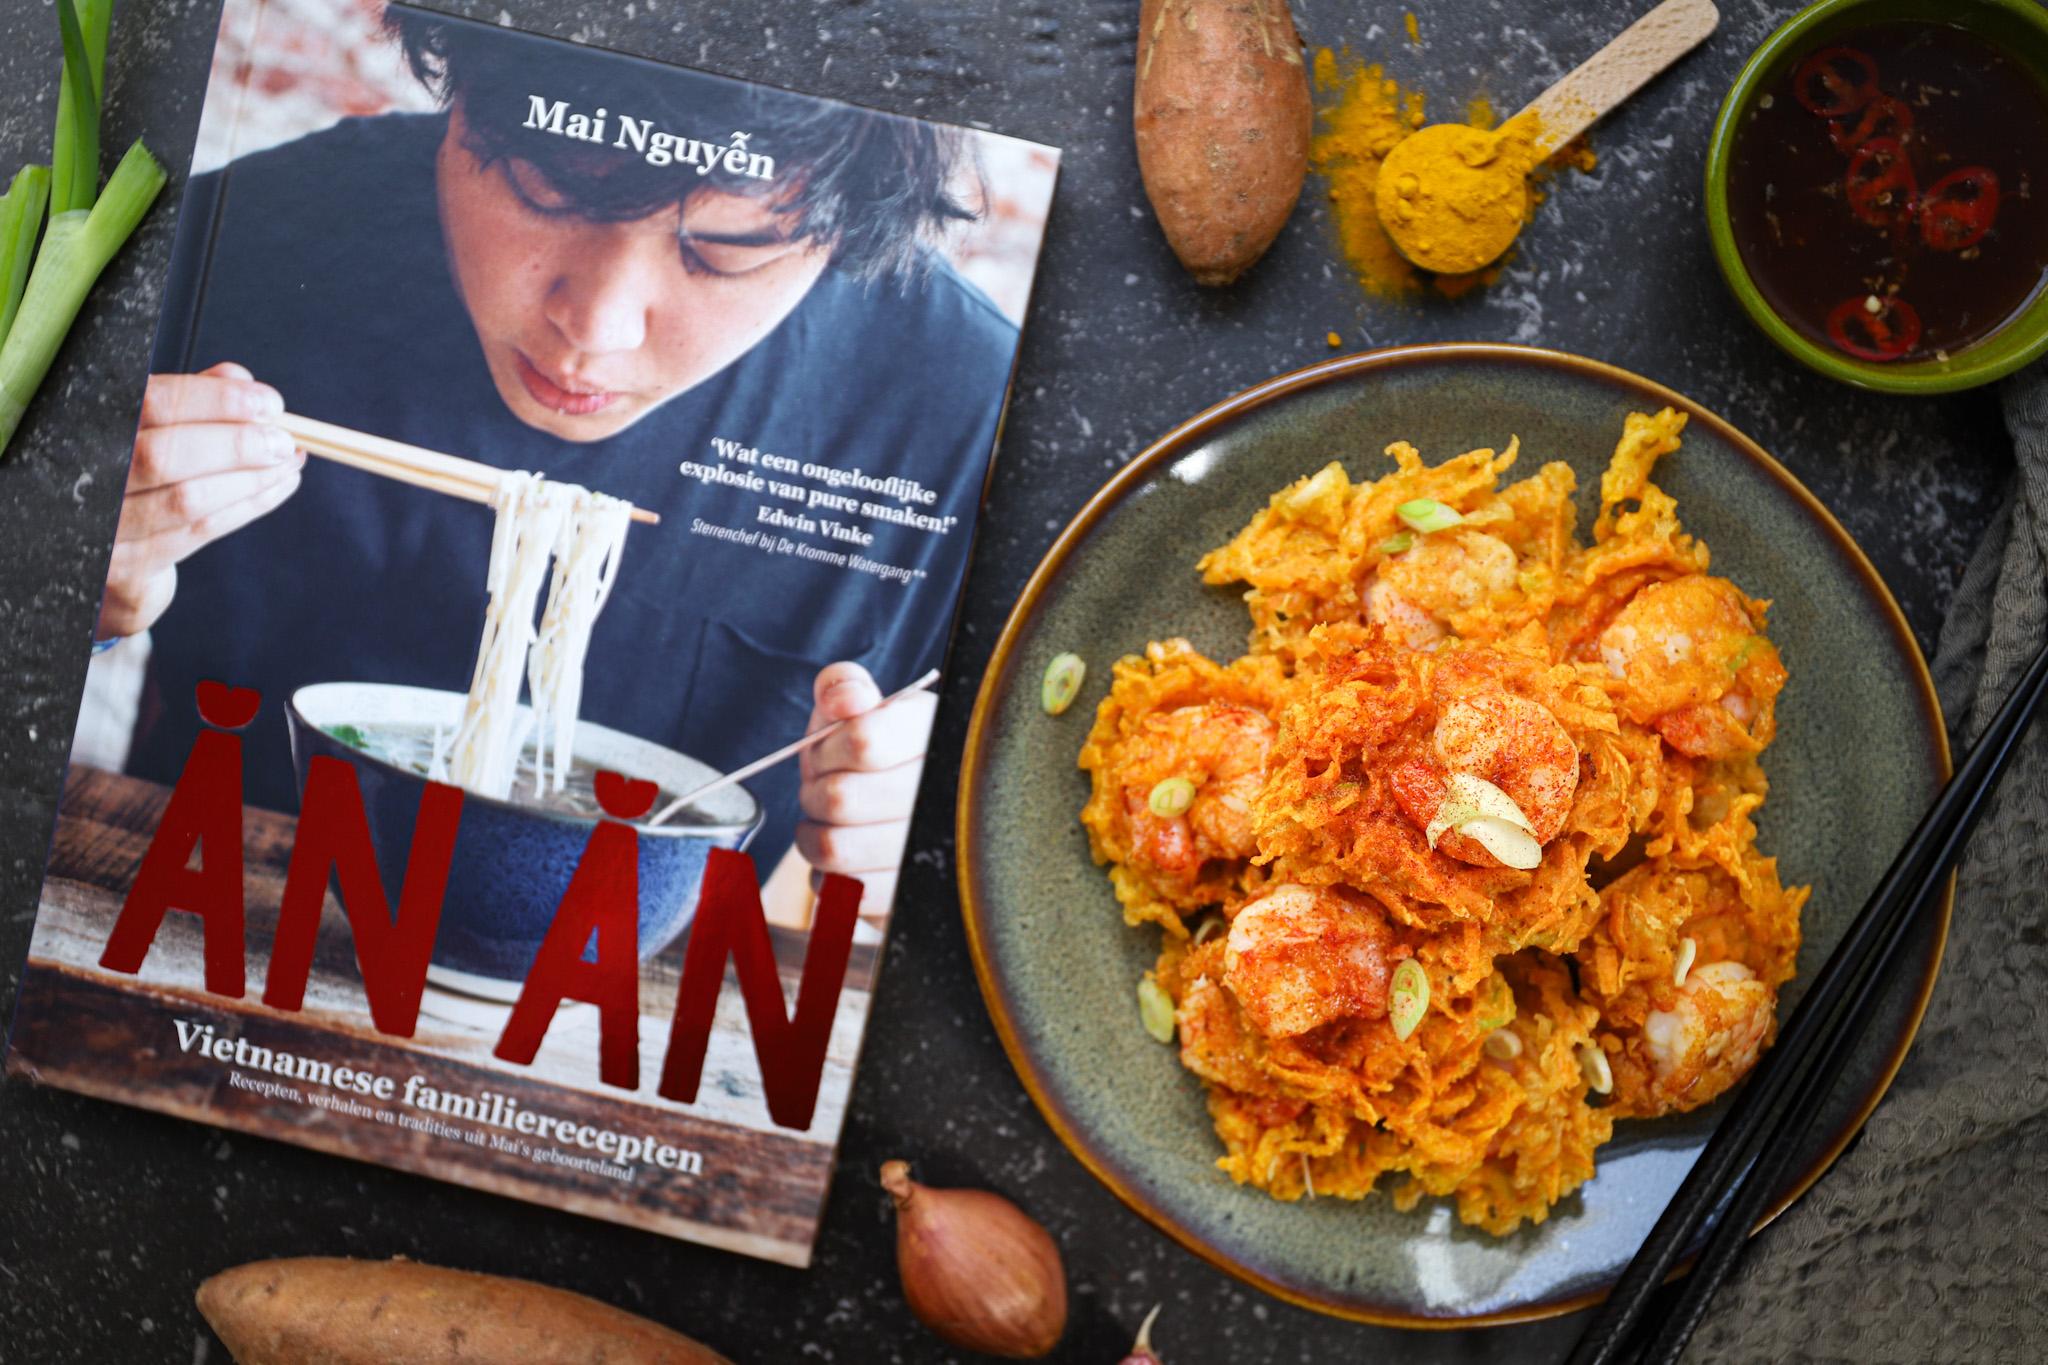 Eef's boekenplank #5   An An - Mai Nguyen